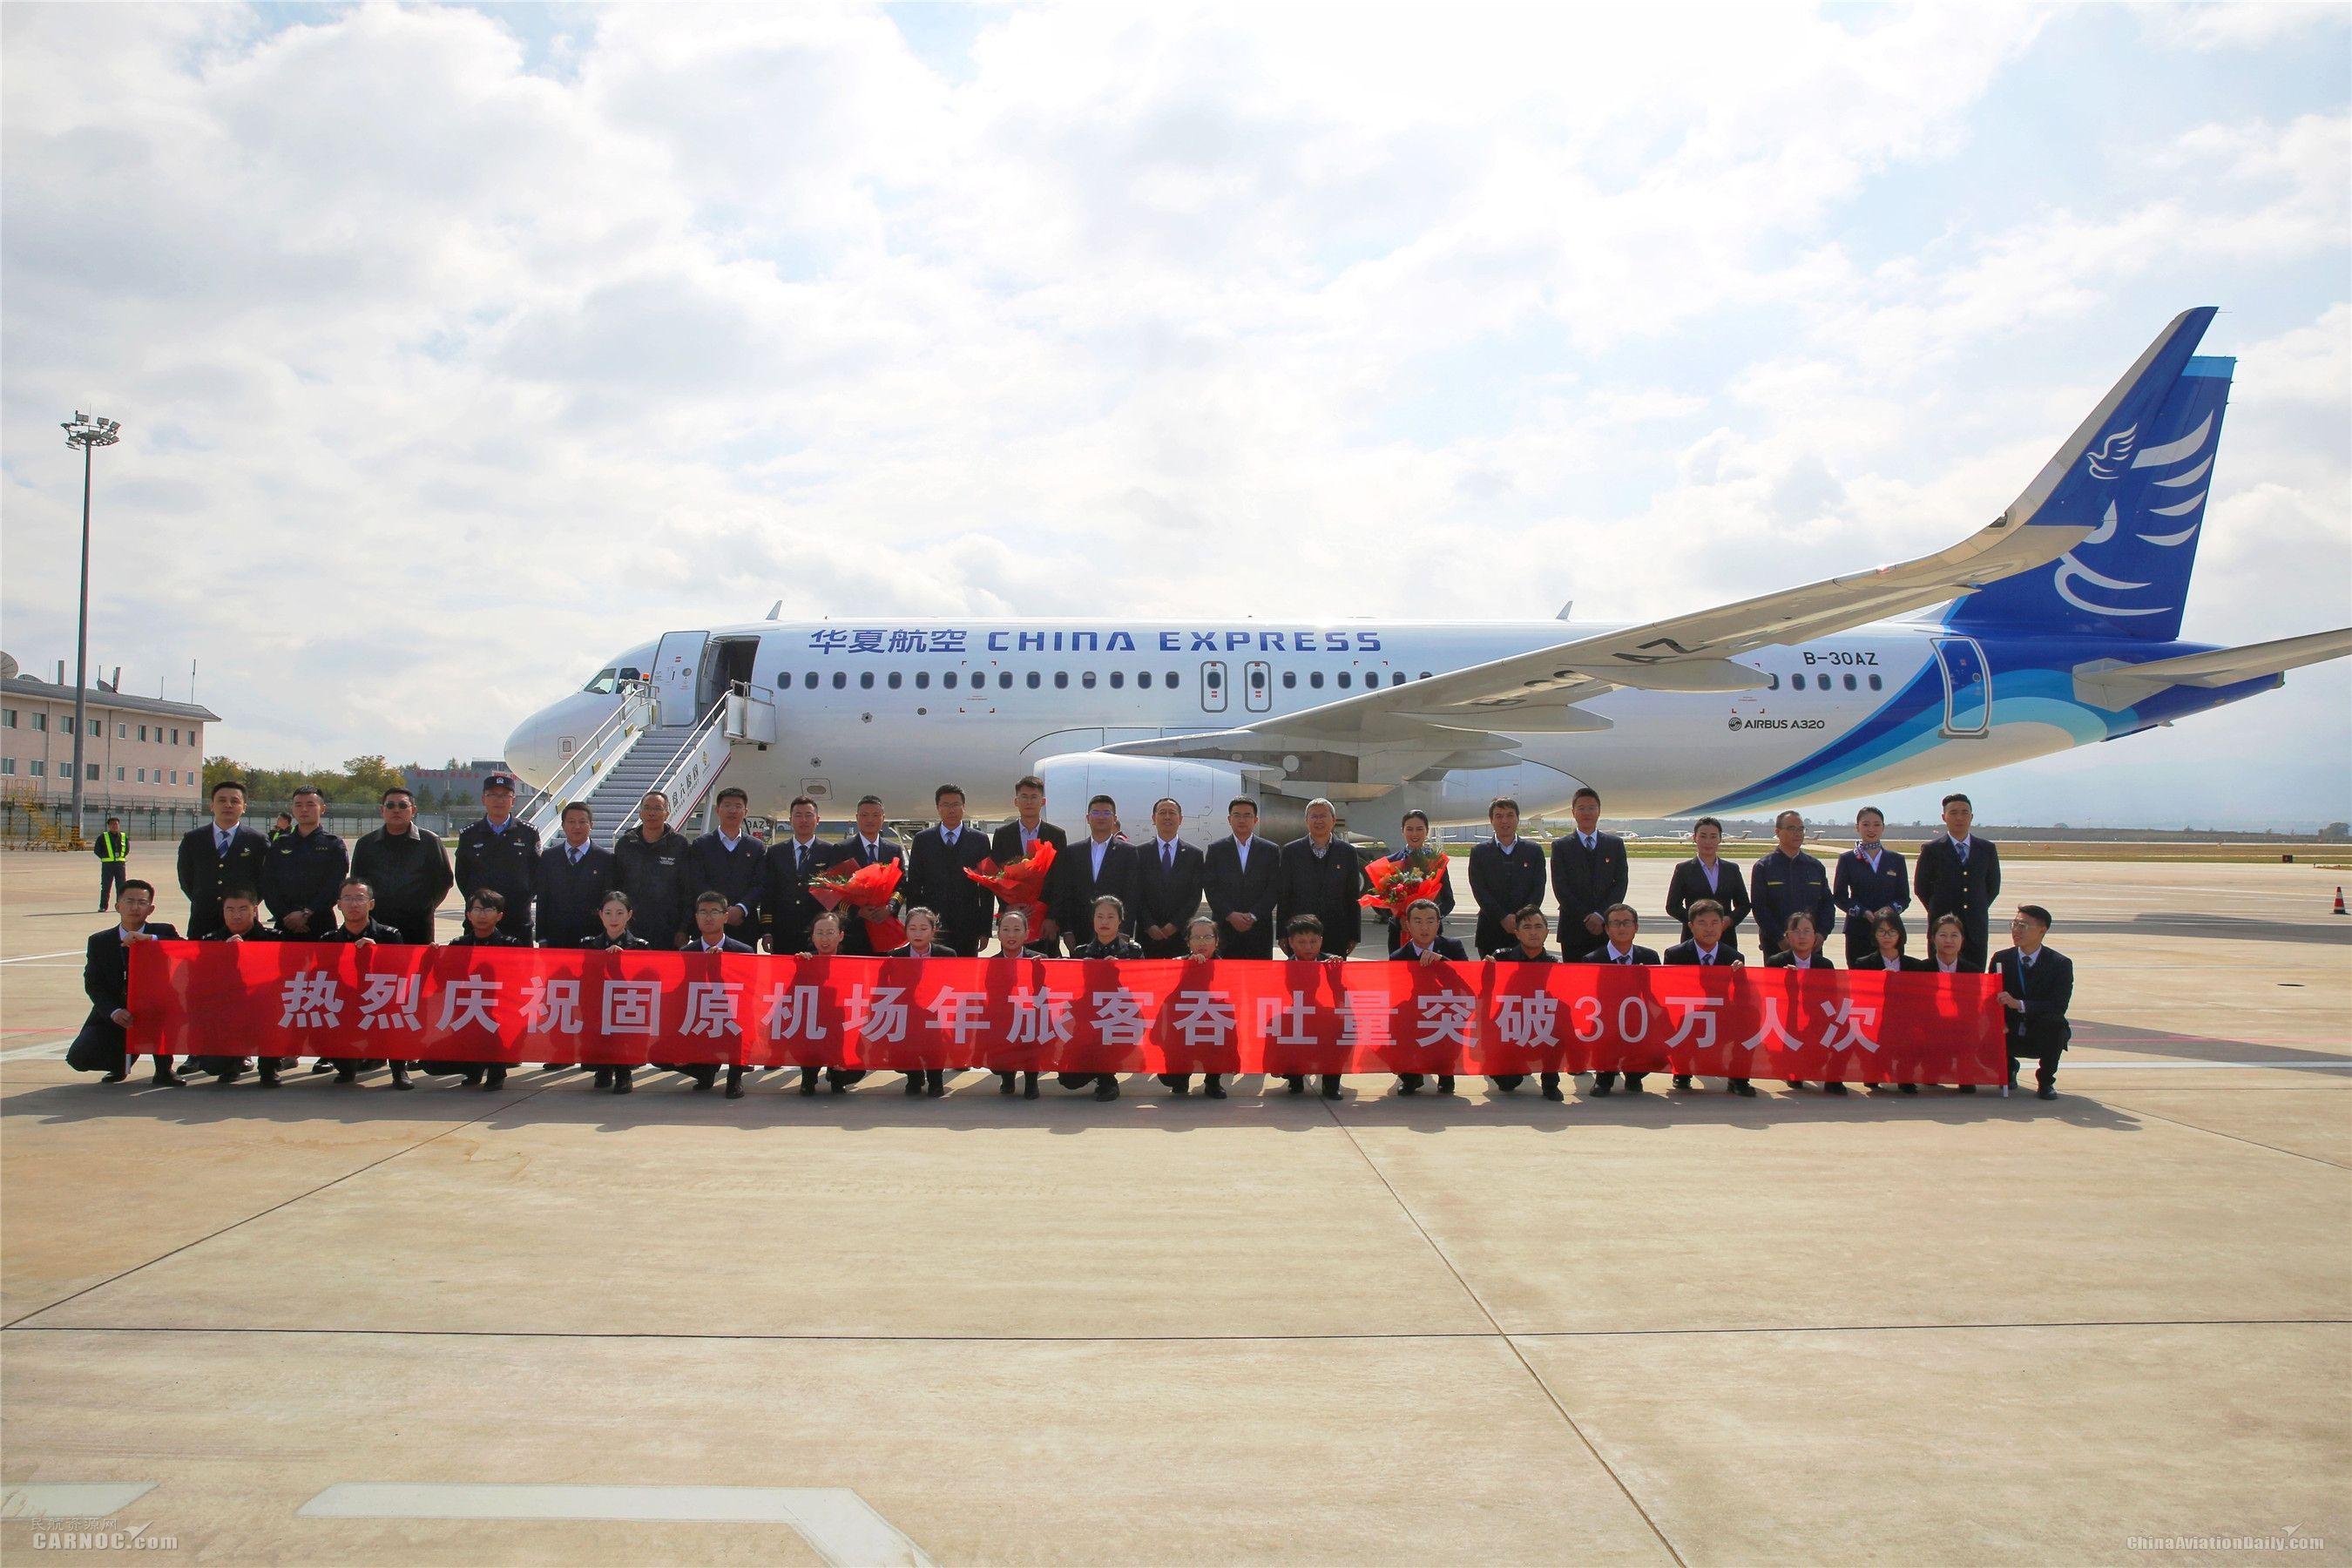 固原机场年旅客吞吐量突破30万人次